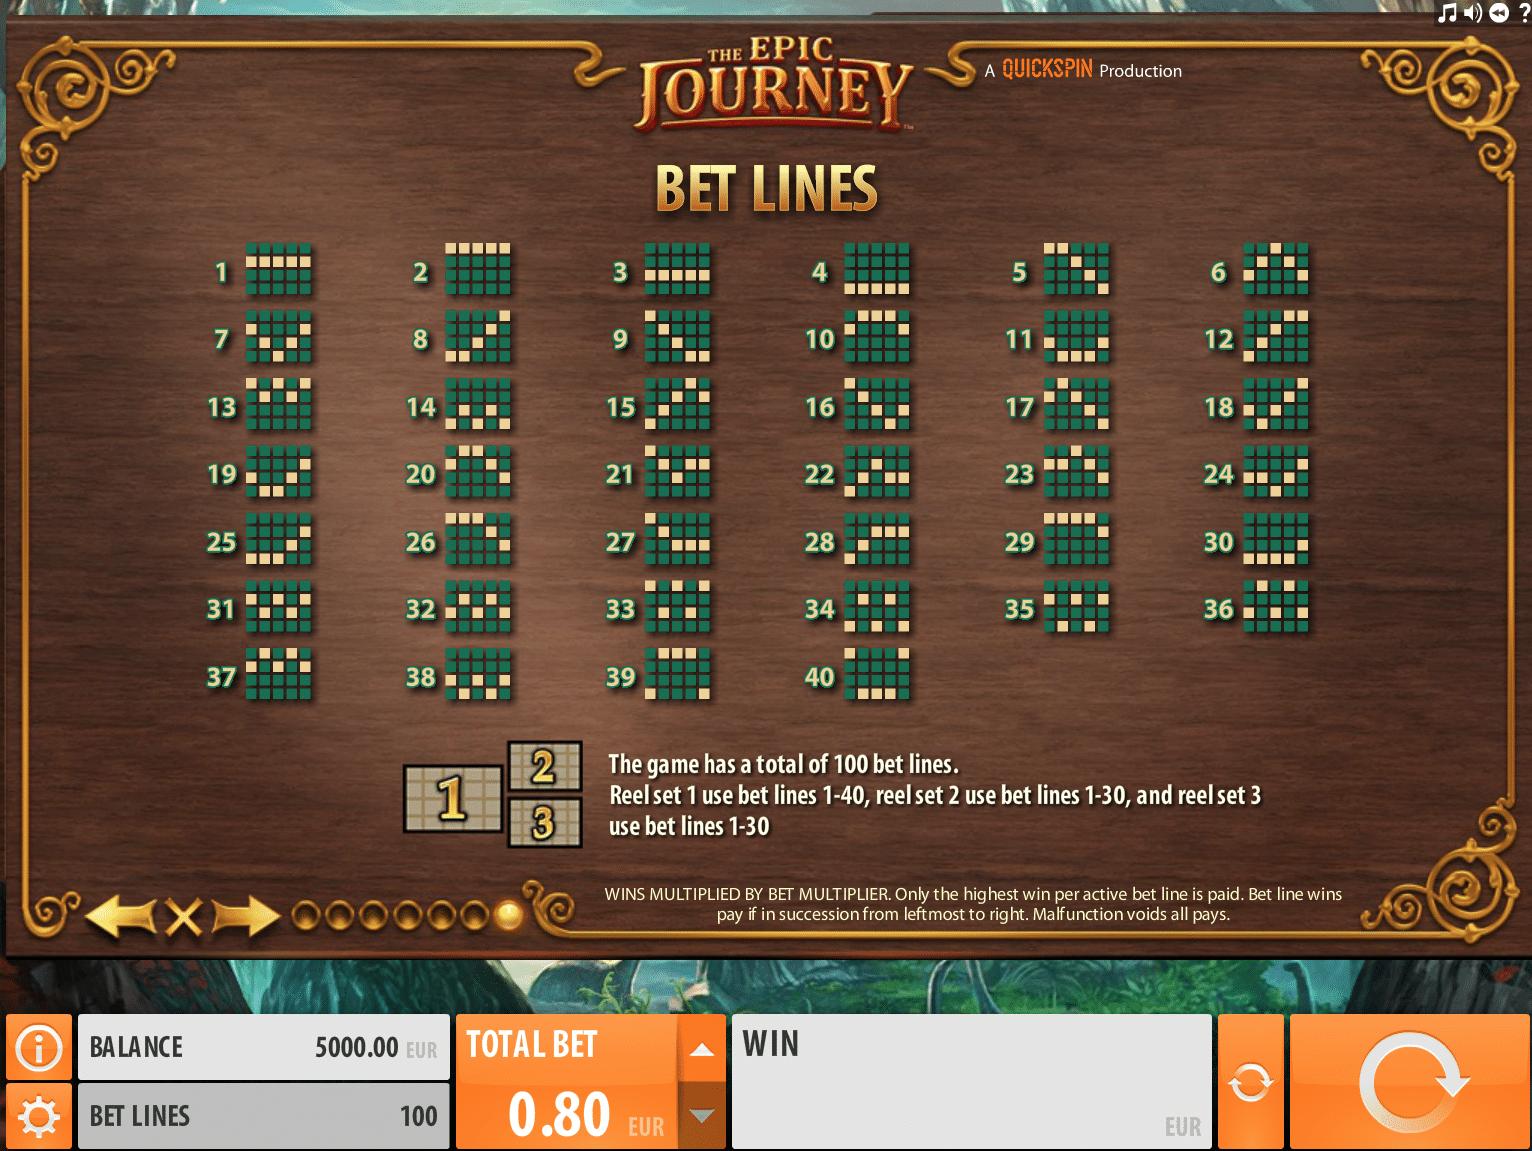 The Epic Journey Gewinnlinien